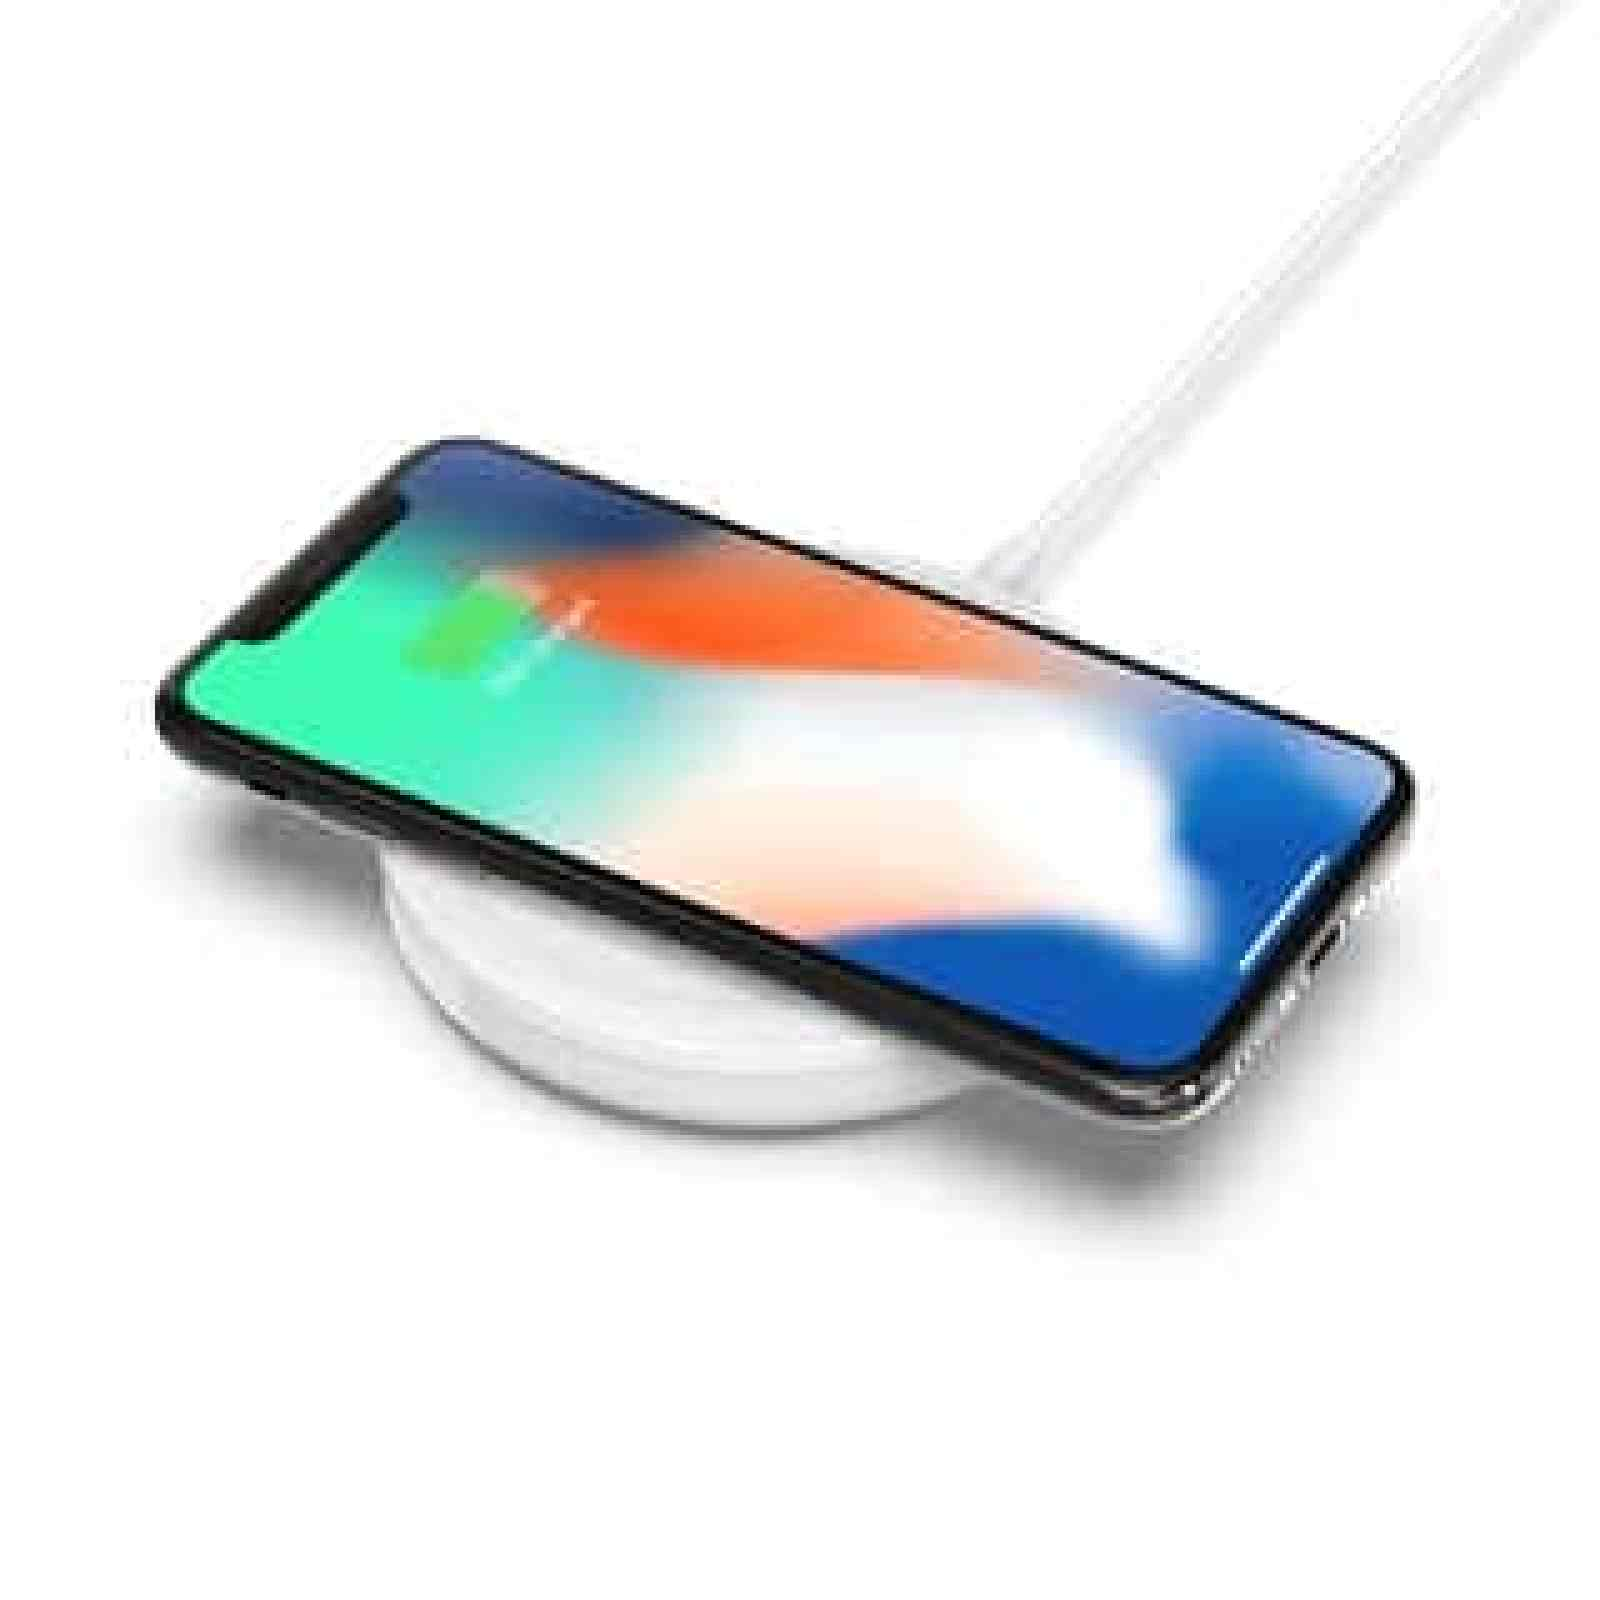 - F7U050 Bold Charging Pad iPhone 3 4 - Belkin นำเสนอแท่นชาร์จมาตรฐาน Qi™ 2 รุ่นใหม่สู่ตลาดเมืองไทย หลังเปิดตัวอย่างยิ่งใหญ่ในงาน CES 2018 ที่ผ่านมา  พันธมิตรอันดับหนึ่งด้านพลังงานสำหรับสมาร์ทโฟนของงาน CES 2018  พร้อมรุกตลาดแท่นชาร์จเกรดพรีเมียมในเมืองไทย